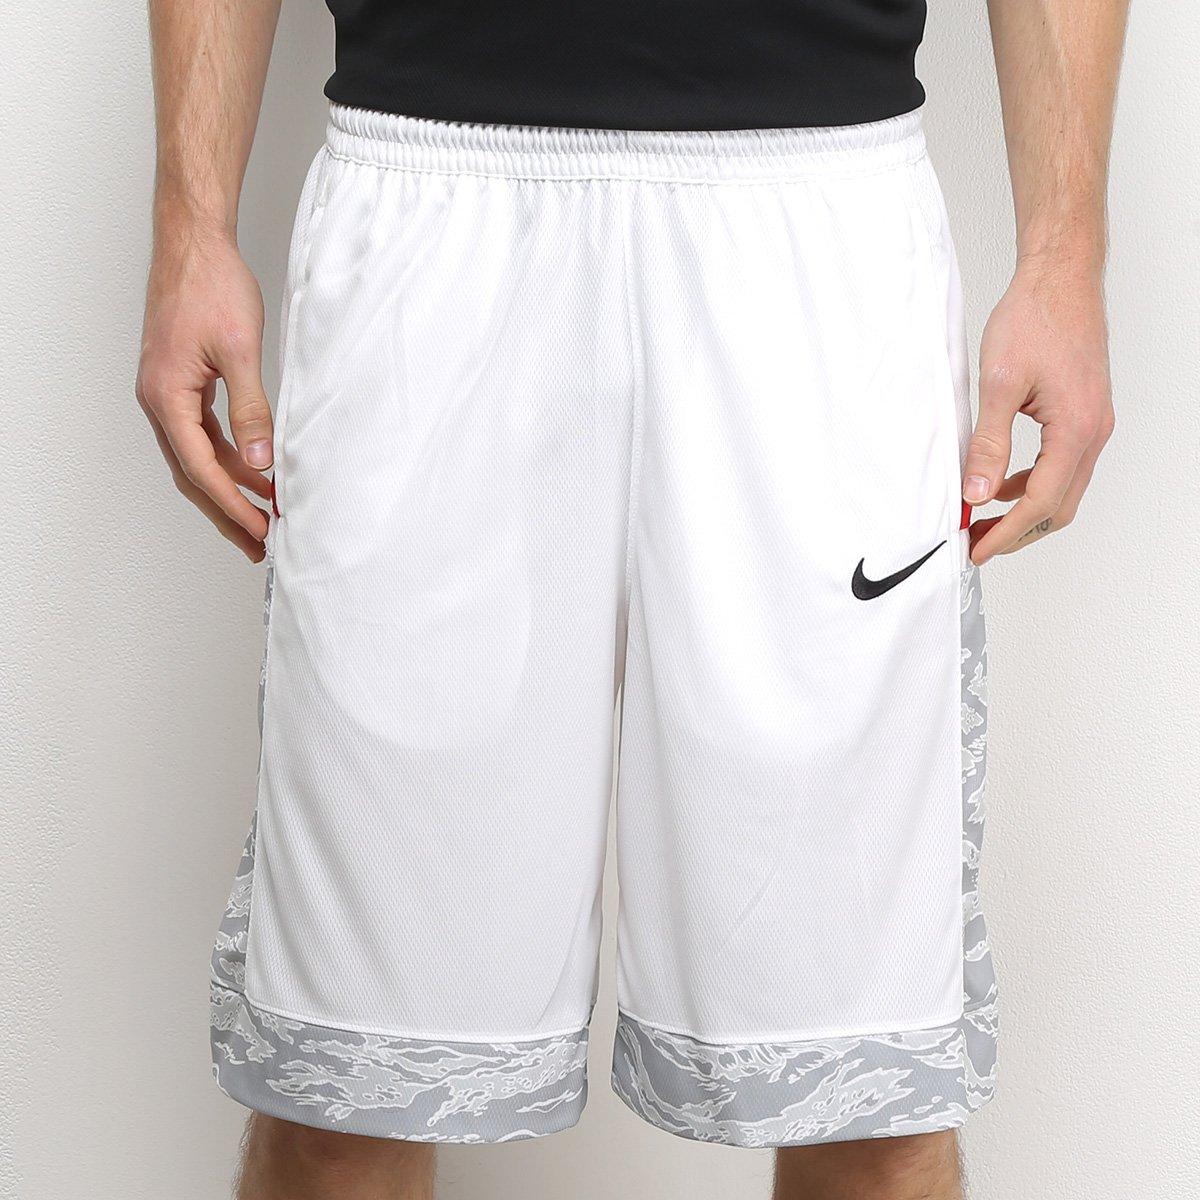 clientes primero más tarde comprar el más nuevo Bermuda Nike Dry Courtlines Print Masculina - Branco e Preto ...